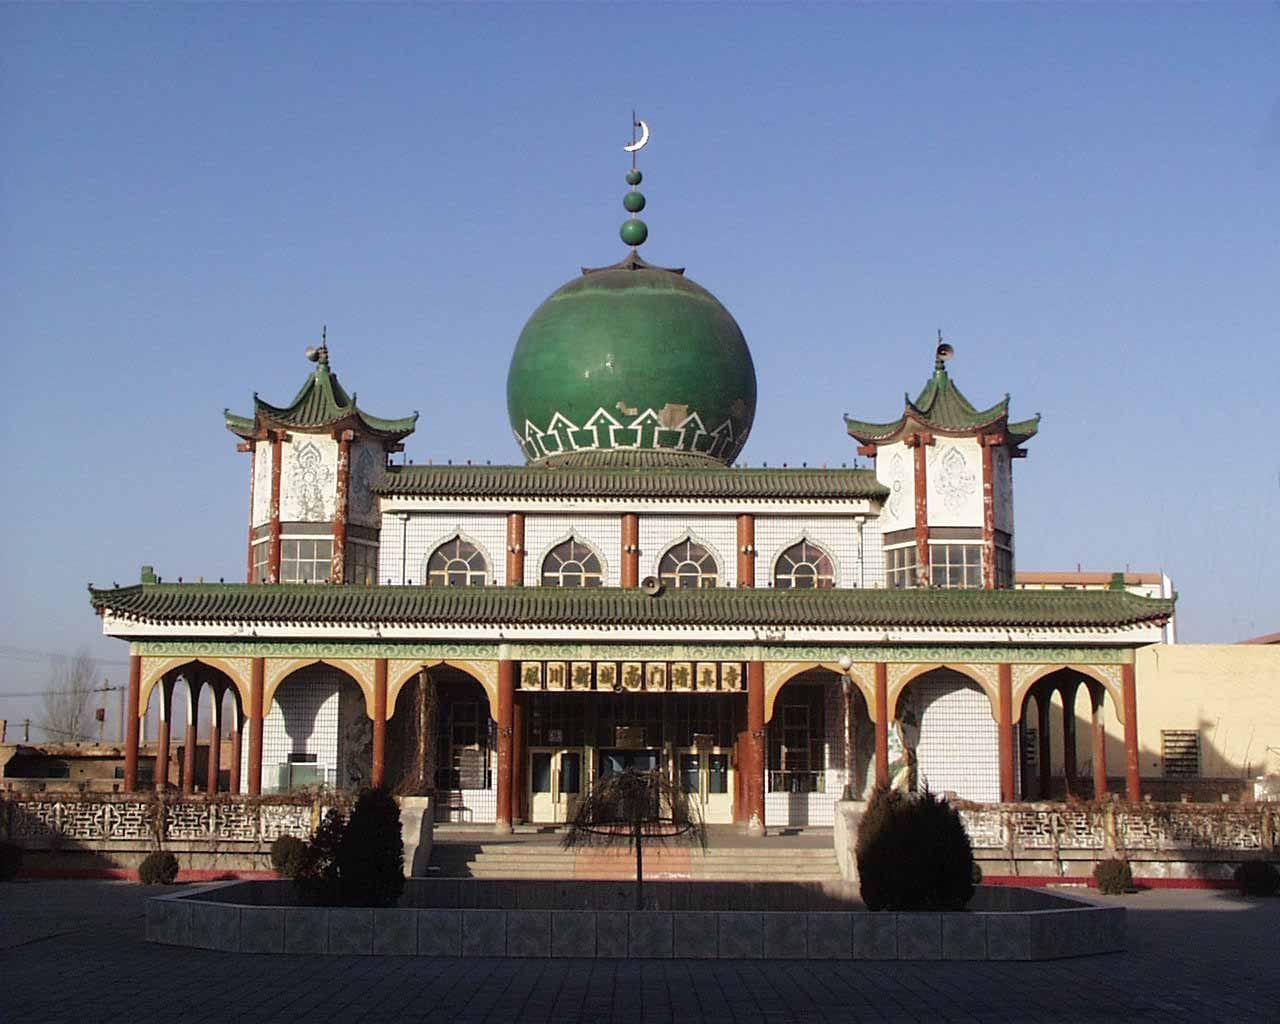 Nanjing jingjue mosque masjidsmosques pinterest nanjing nanjing jingjue mosque altavistaventures Images